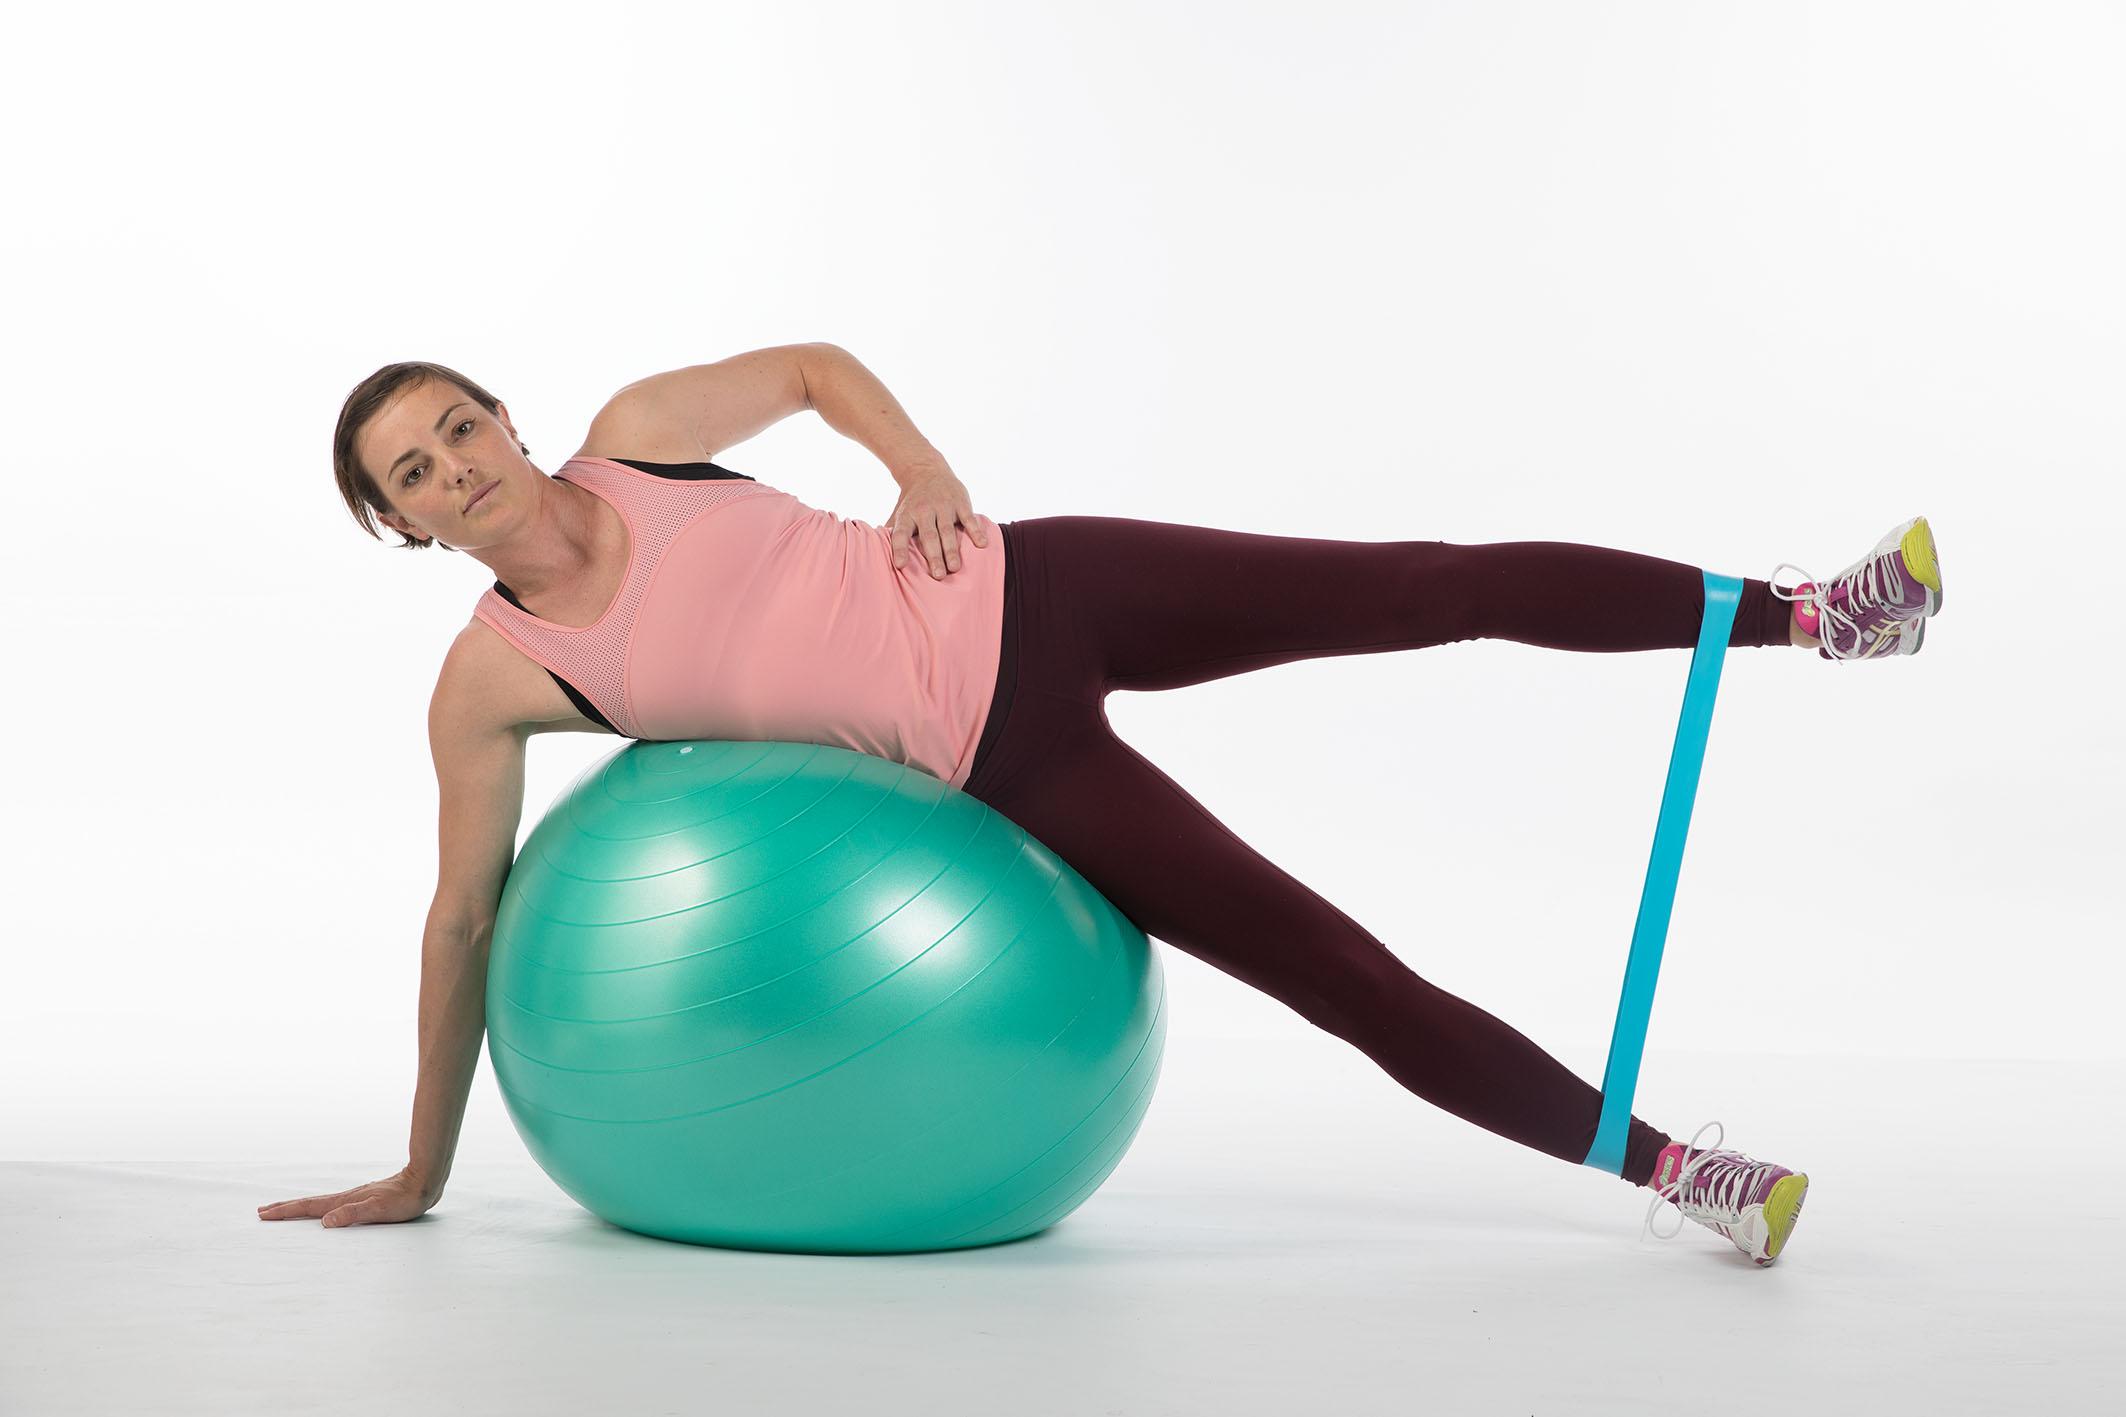 Foto: Eine junge Frau liegt seitwärts über einen Swissball, mit einem Miniband um die Knöchel